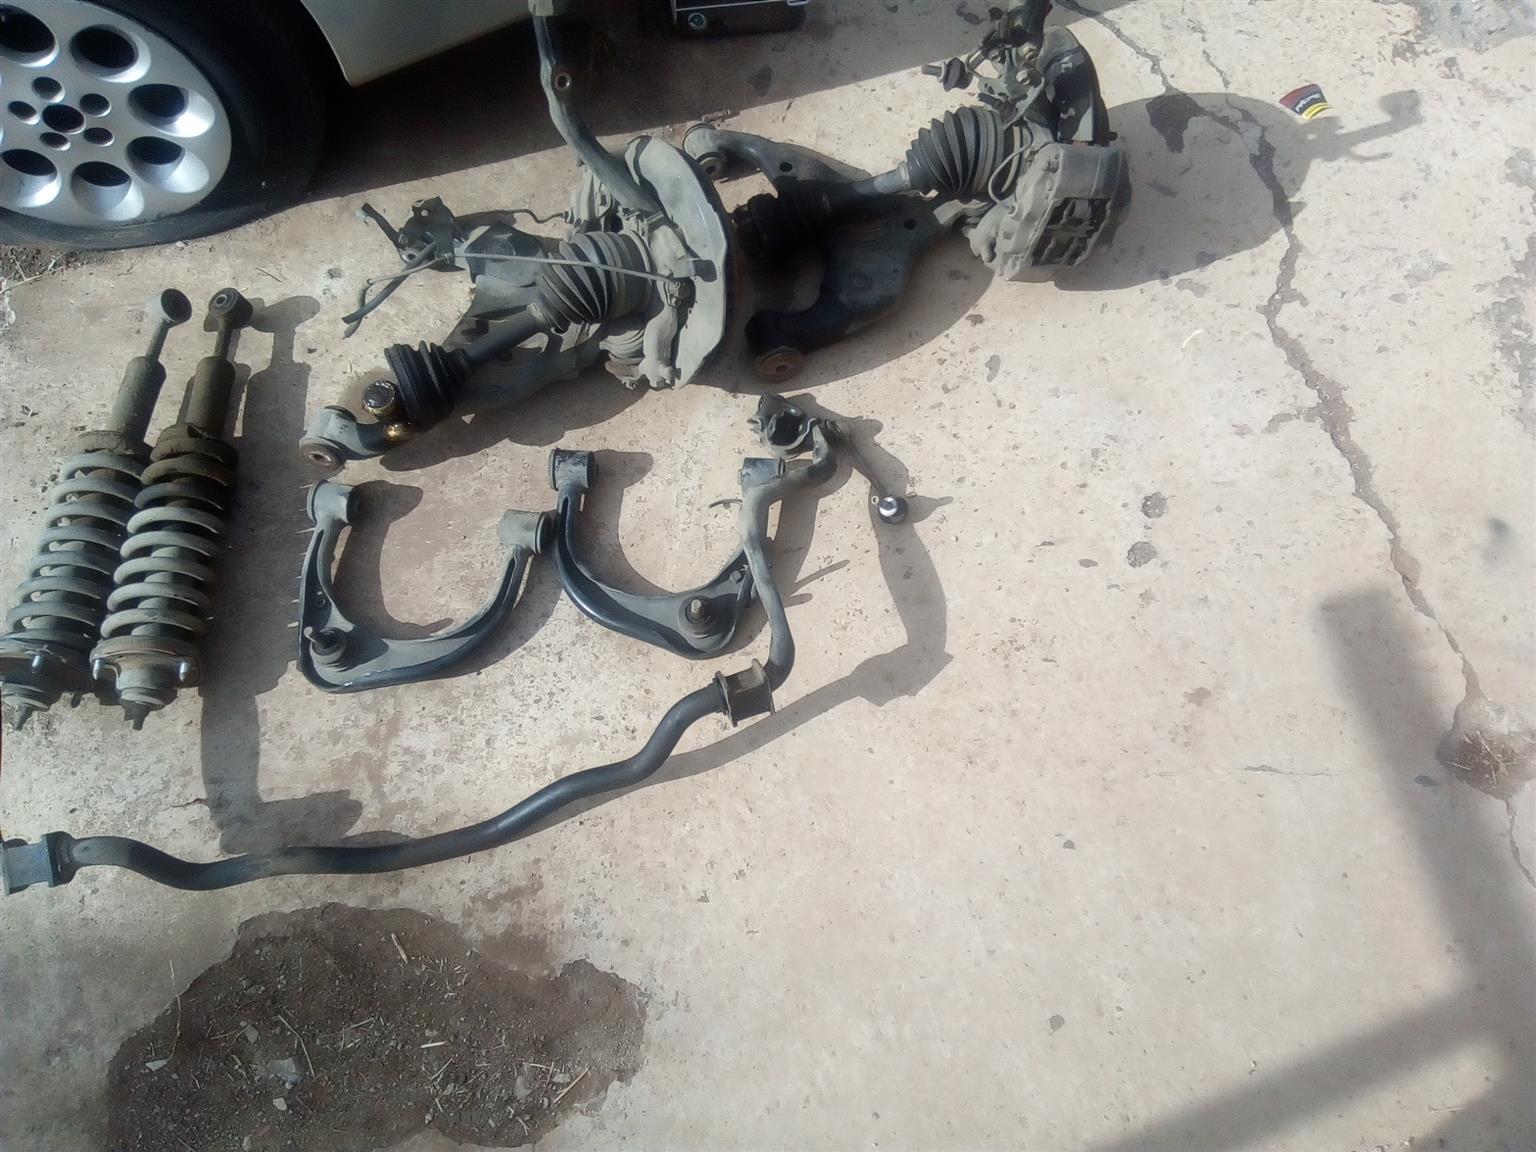 Hillux D4D 4x4 front and back suspension